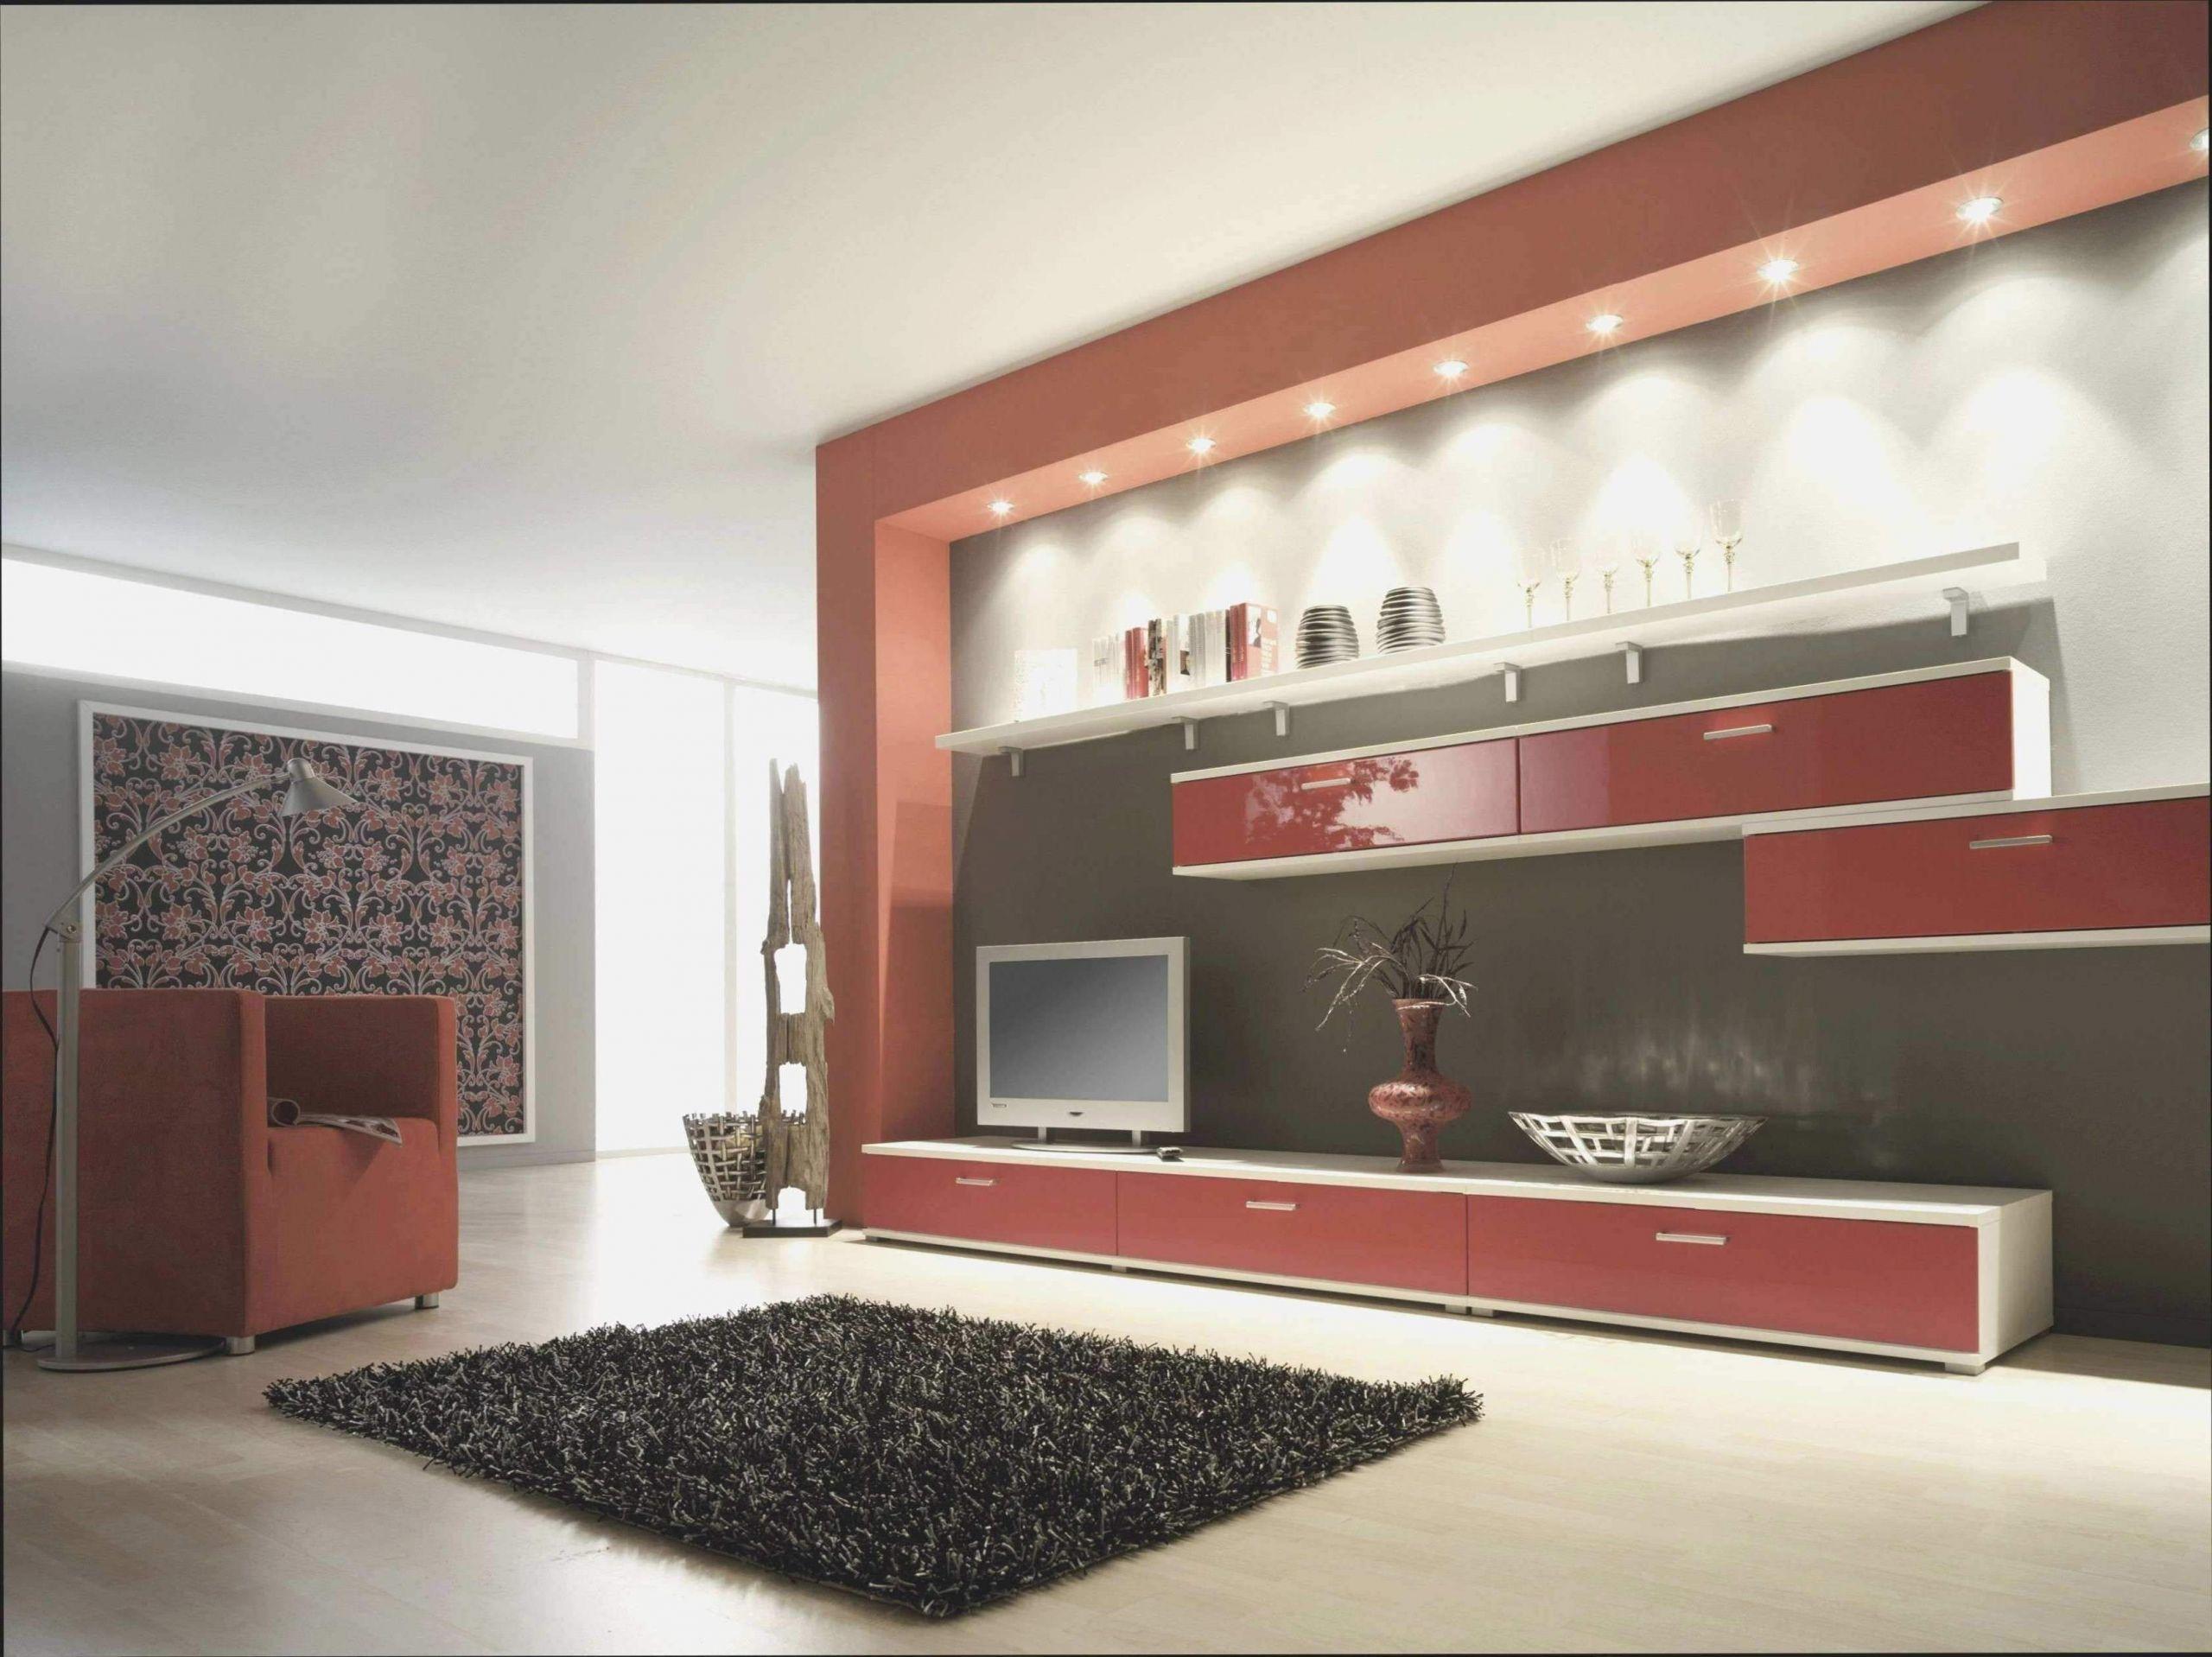 ideen fur wohnzimmer luxus 45 tolle von deko fur wohnzimmer design of ideen fur wohnzimmer